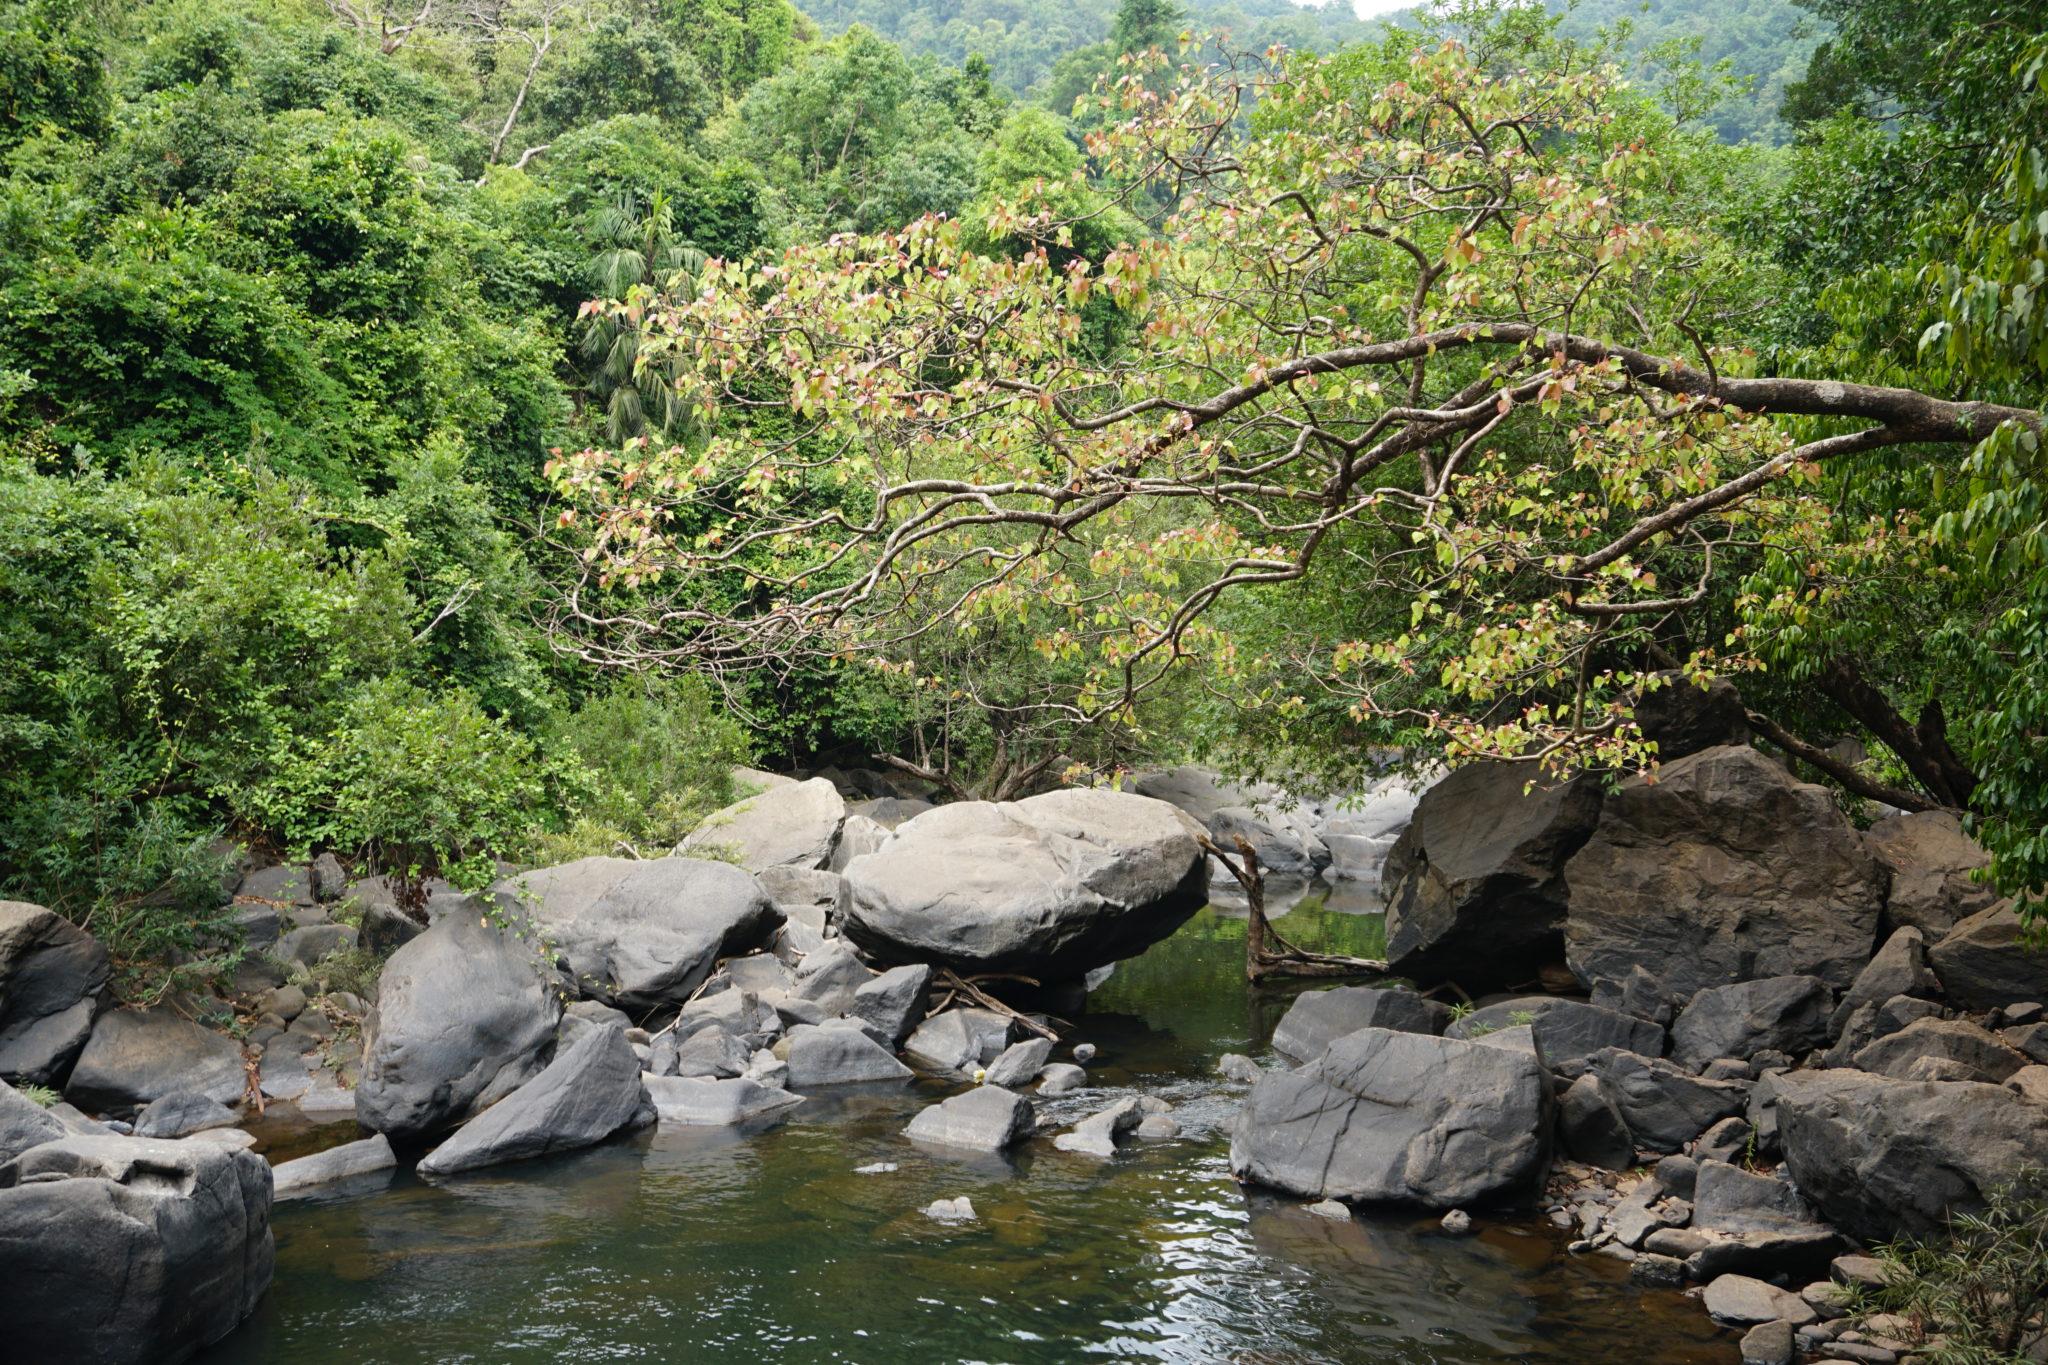 Fluss nahe der Dudhsagar Wasserfälle in Goa